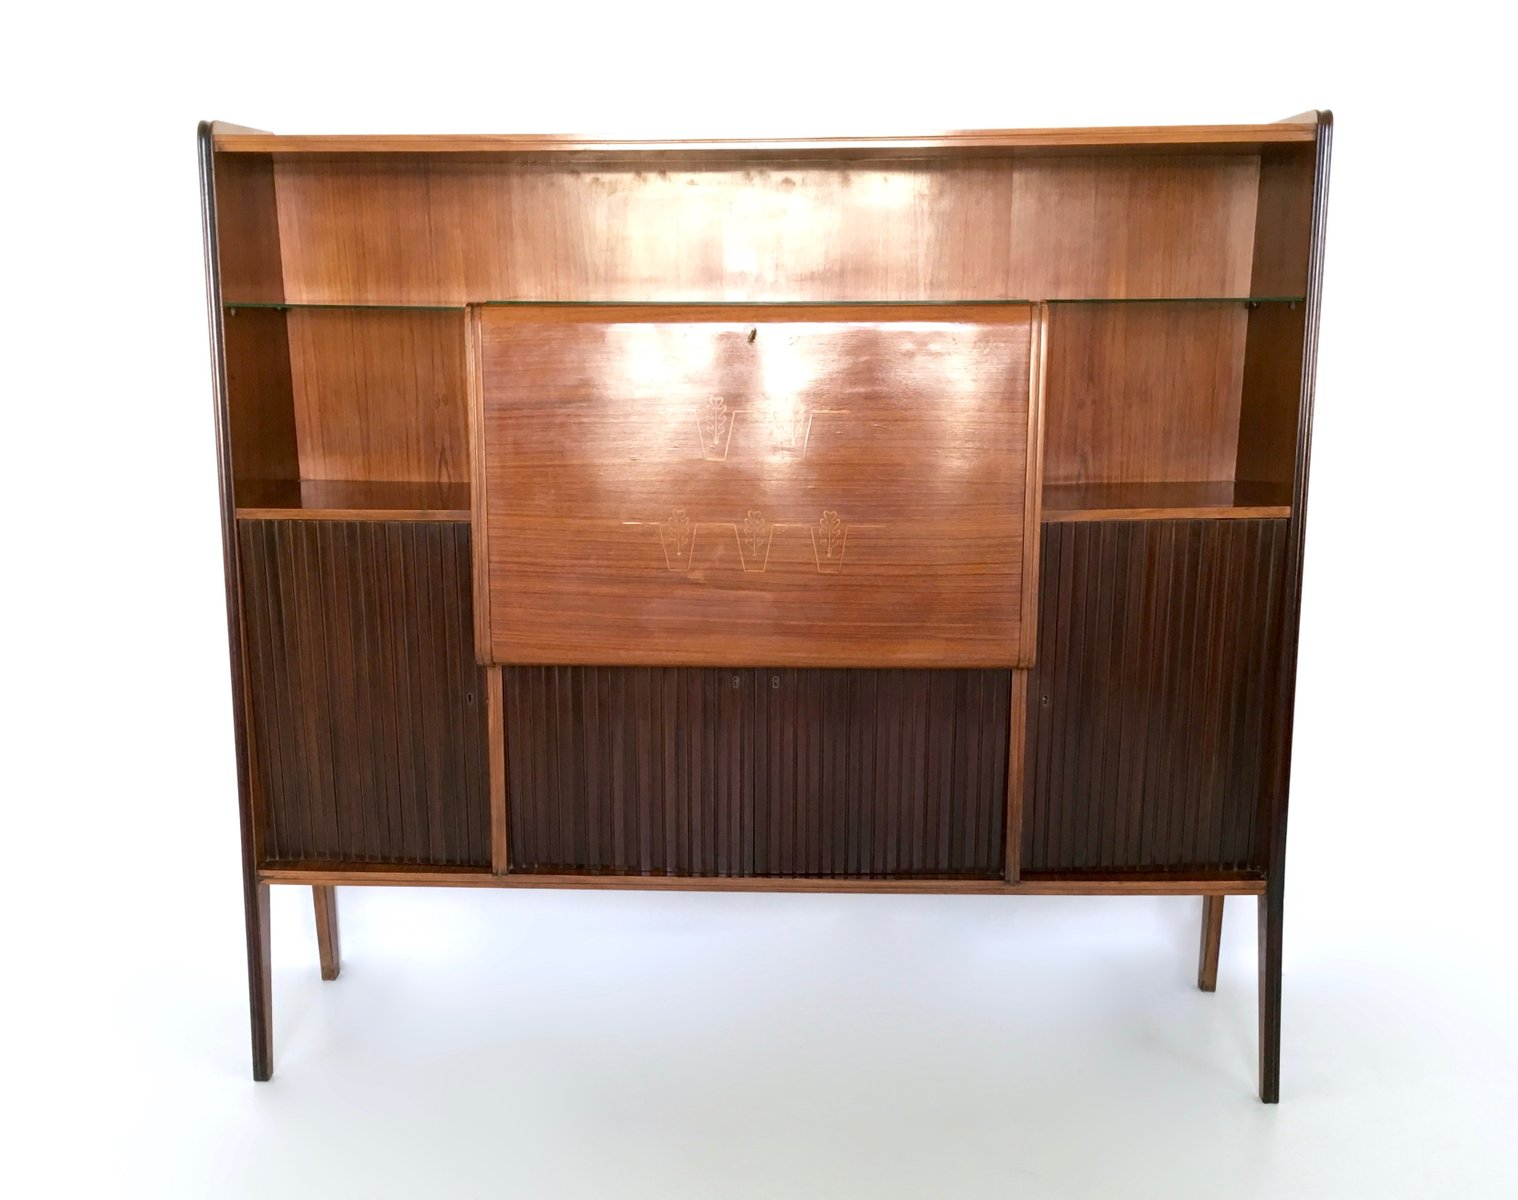 italienischer barschrank aus palisander spiegelglas kristall 1950er bei pamono kaufen. Black Bedroom Furniture Sets. Home Design Ideas